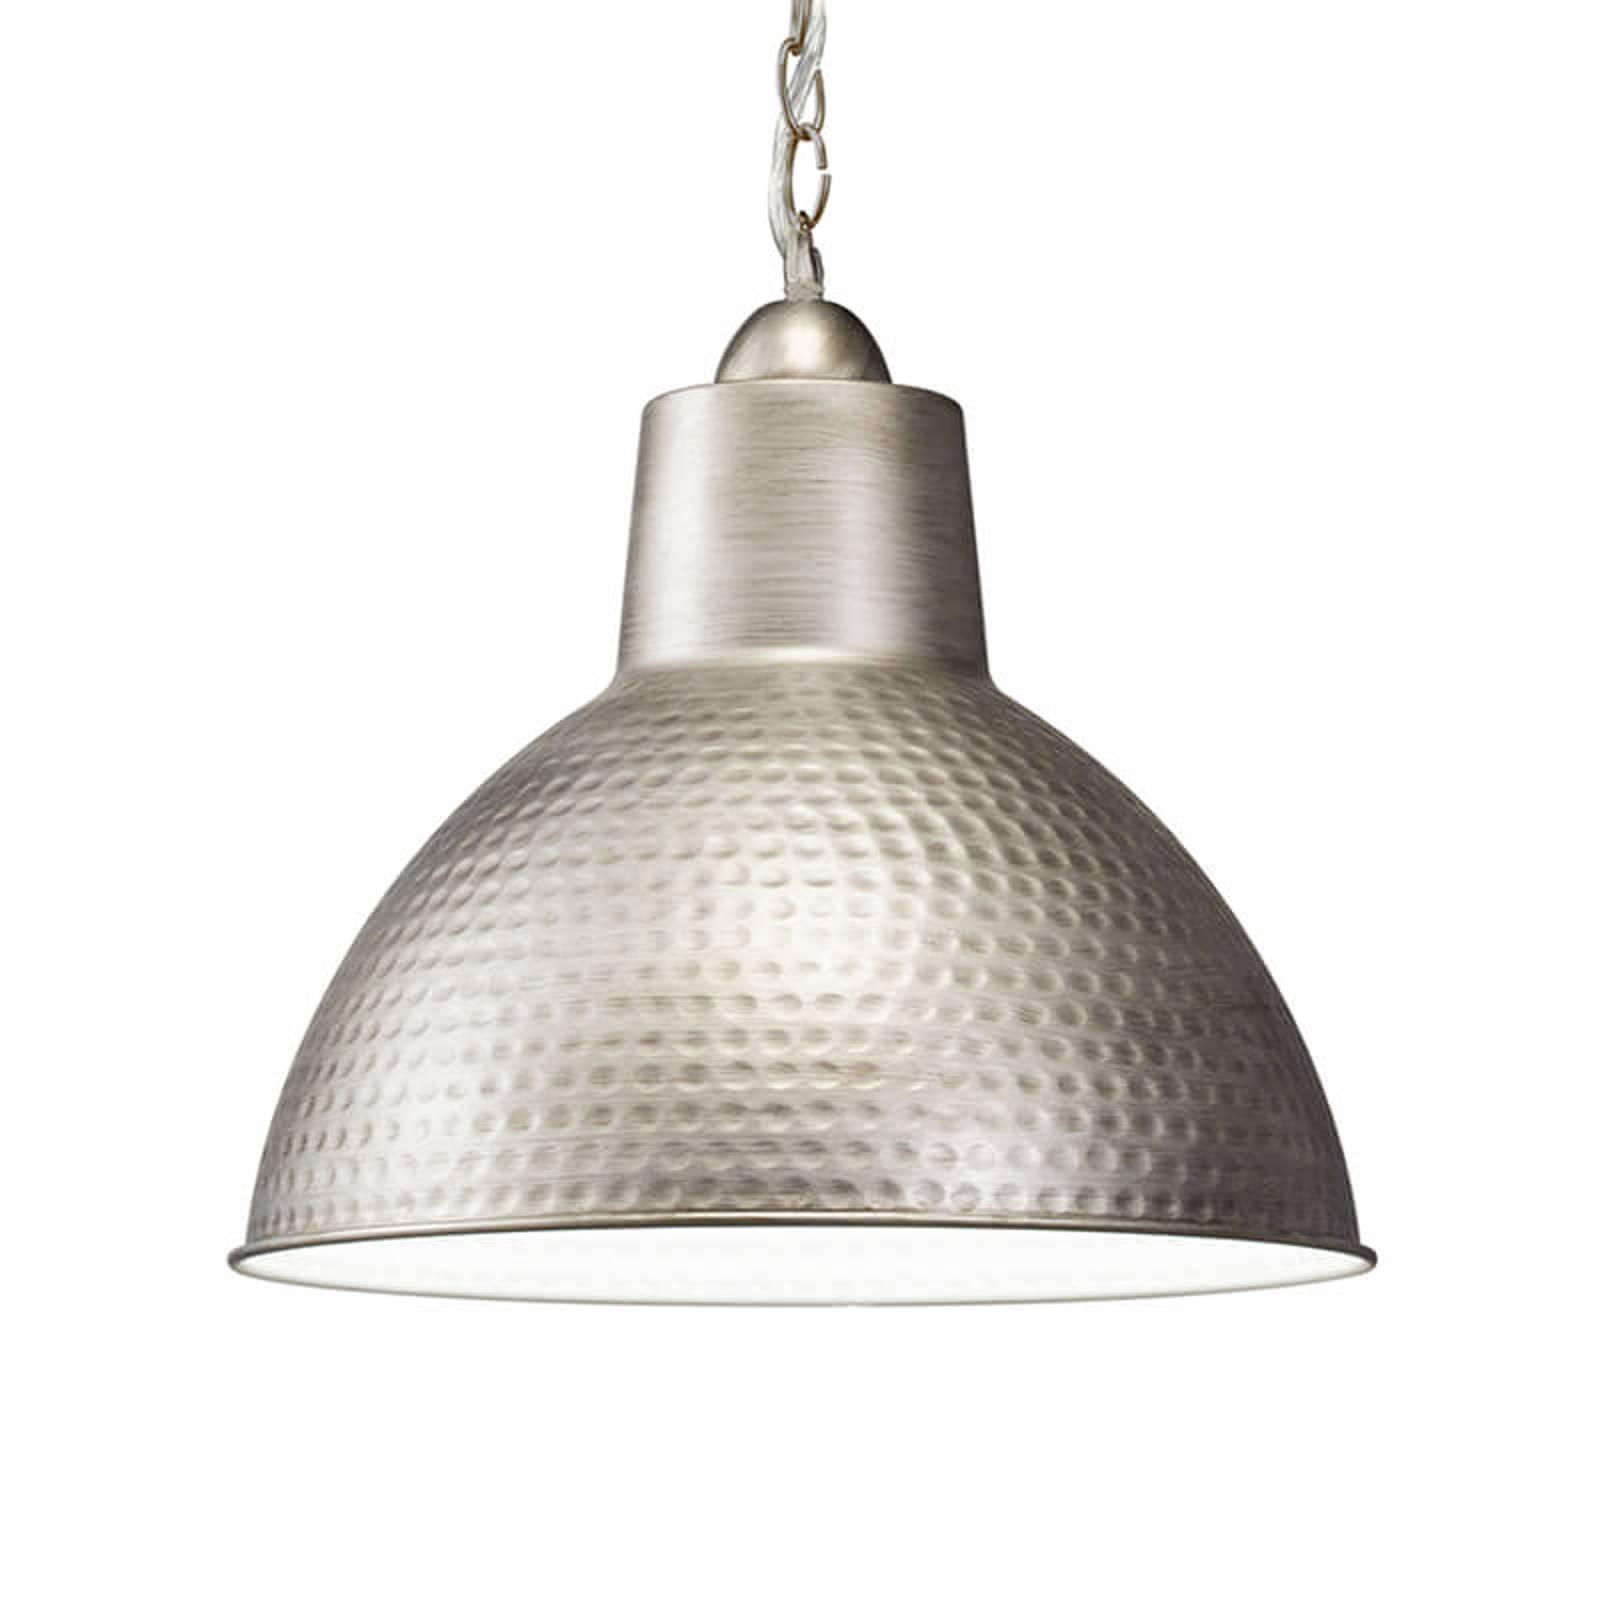 Hanglamp Missoula - 34,3 cm doorsnede